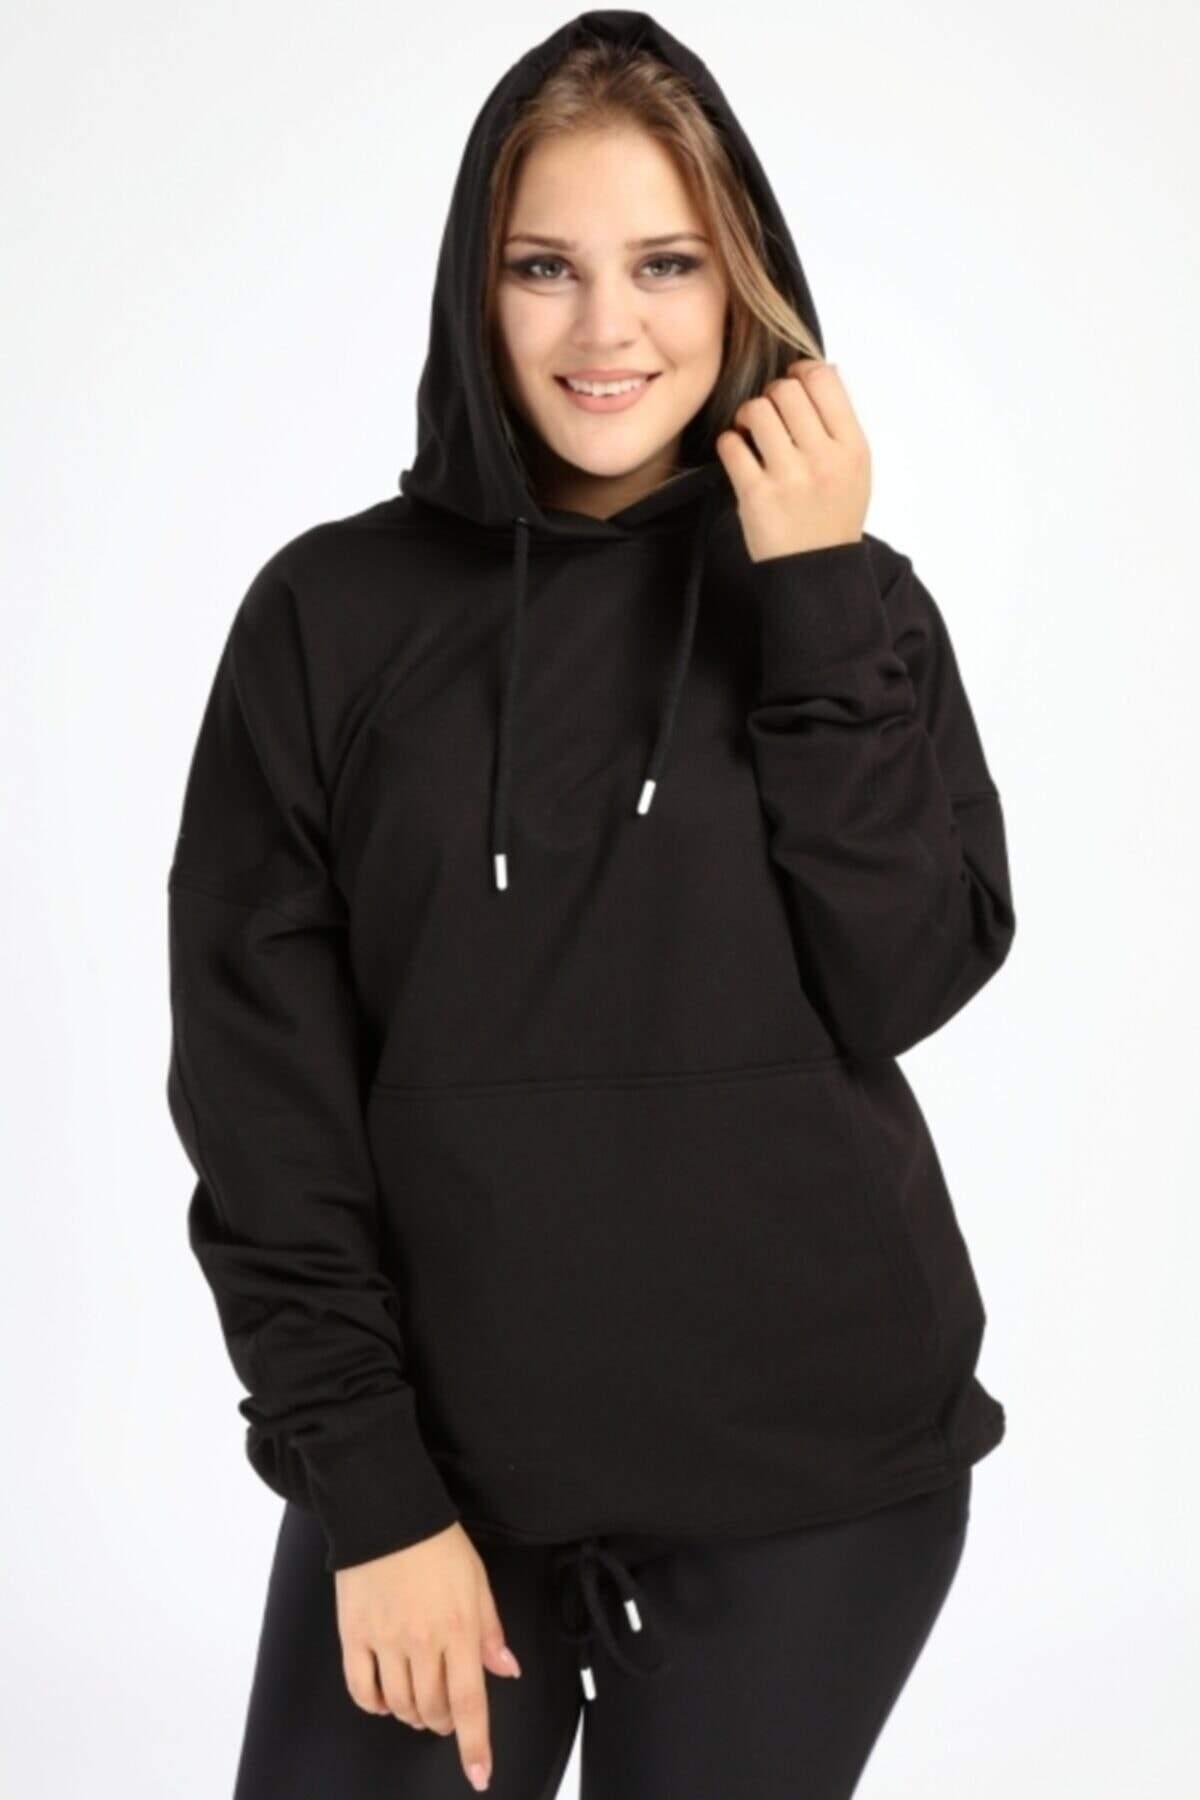 Angelino Büyük Beden Siyah Spor Giyim Kapüşonlu Üst Sweat 2546